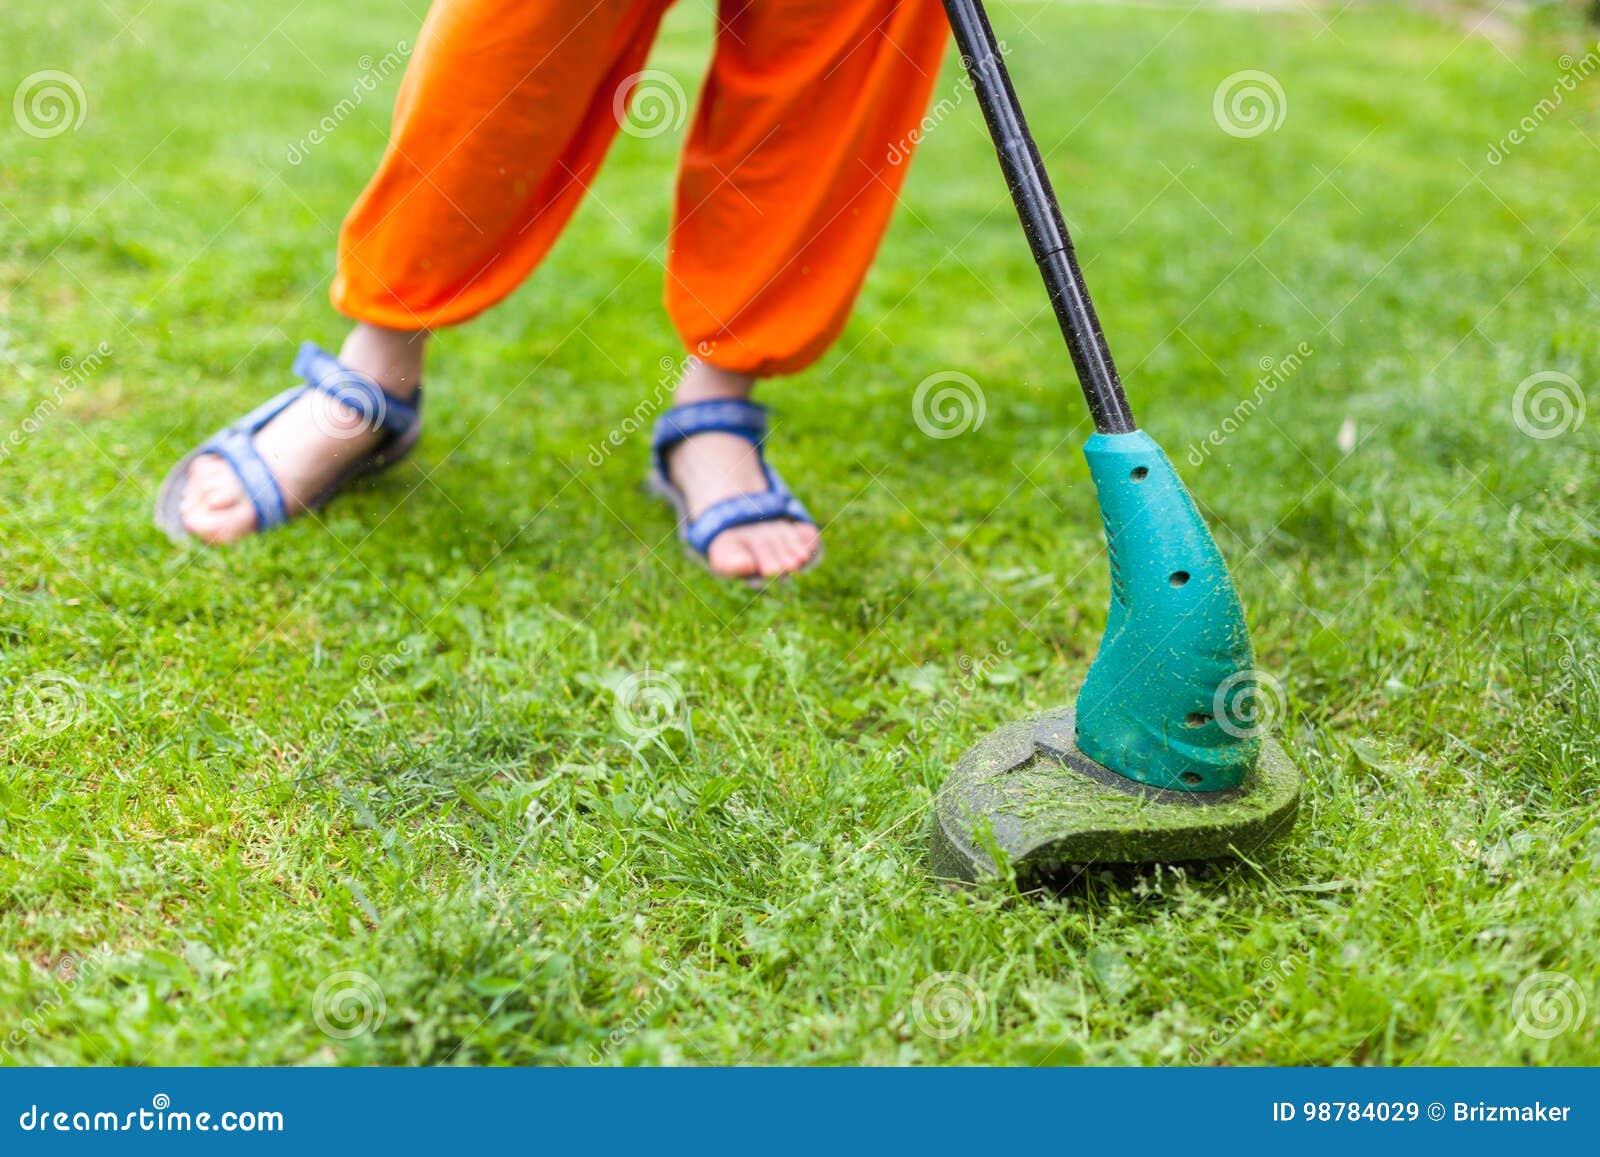 De snoeischaar van het benzinegazon maait sappig groen gras op een gazon op een zonnige de zomerdag Beeld van de close-up het sel